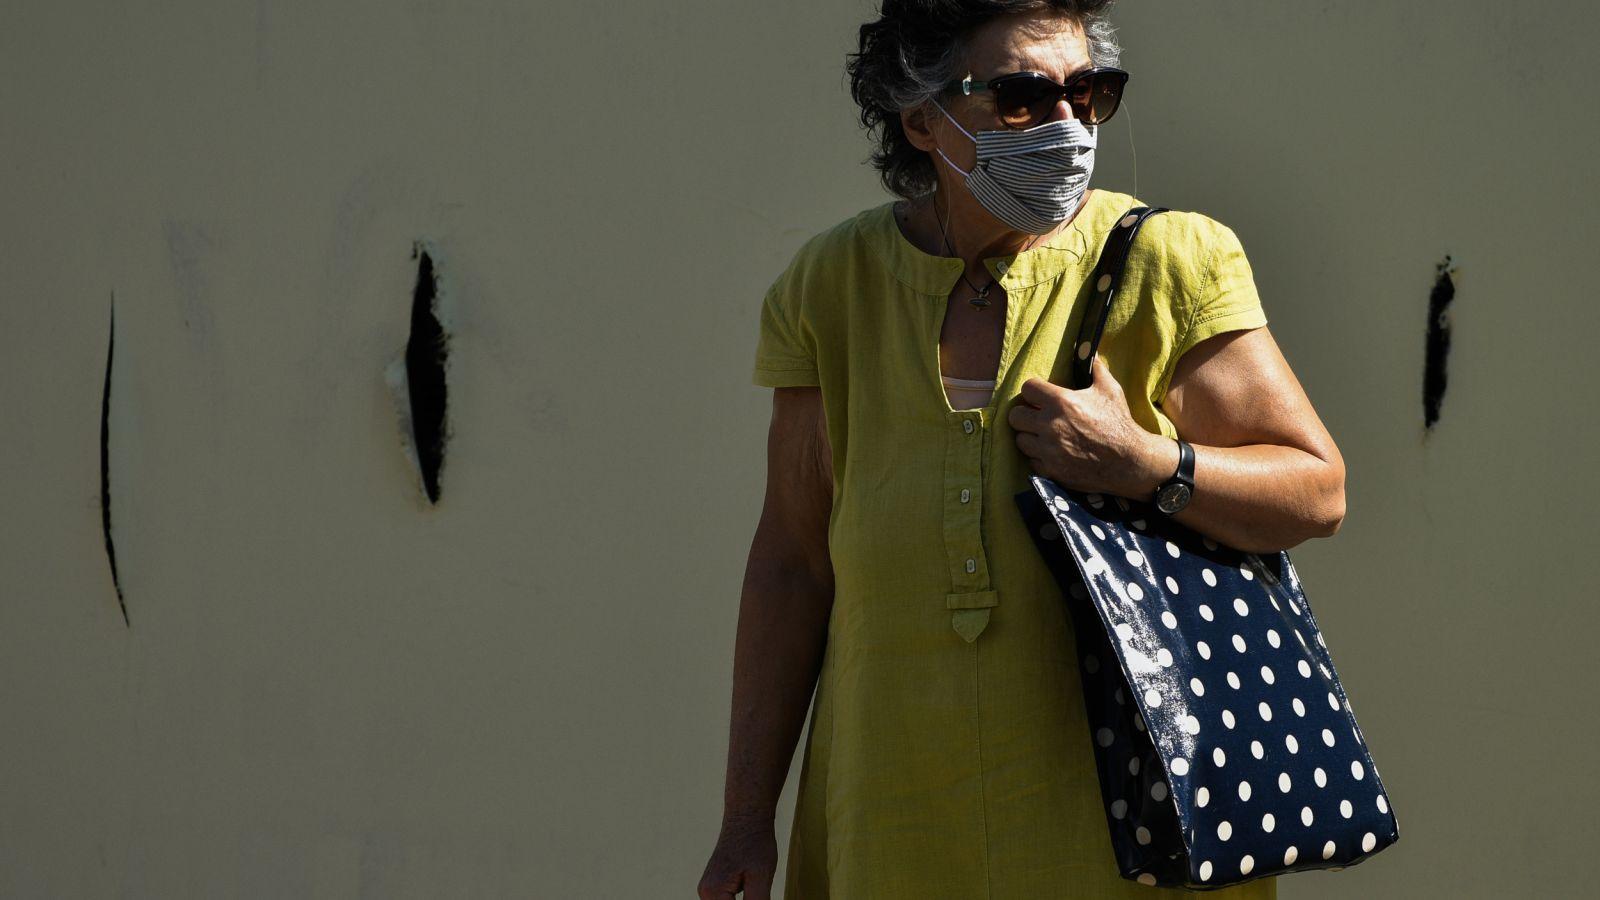 Κορονοϊός: Σε ποιους χώρους είναι υποχρεωτική η μάσκα από σήμερα – Προσοχή στα πρόστιμα